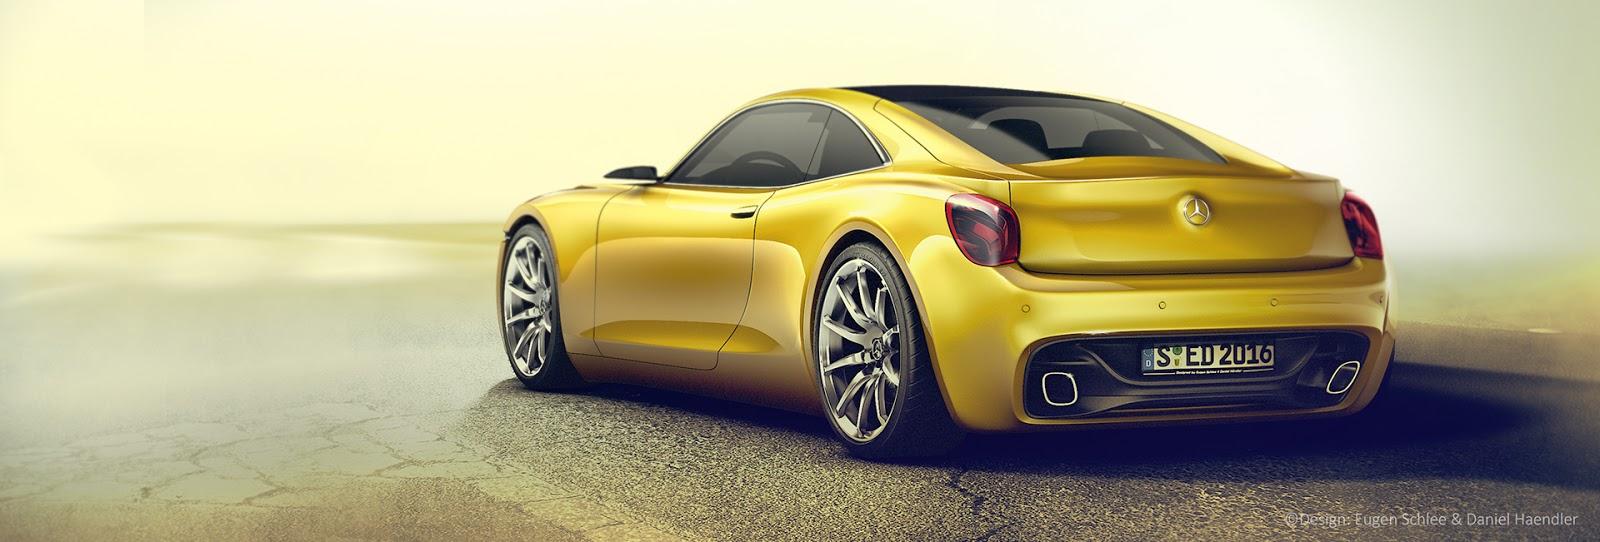 ترکیب طراحی گذشته و آینده: مرسدس 350 SE